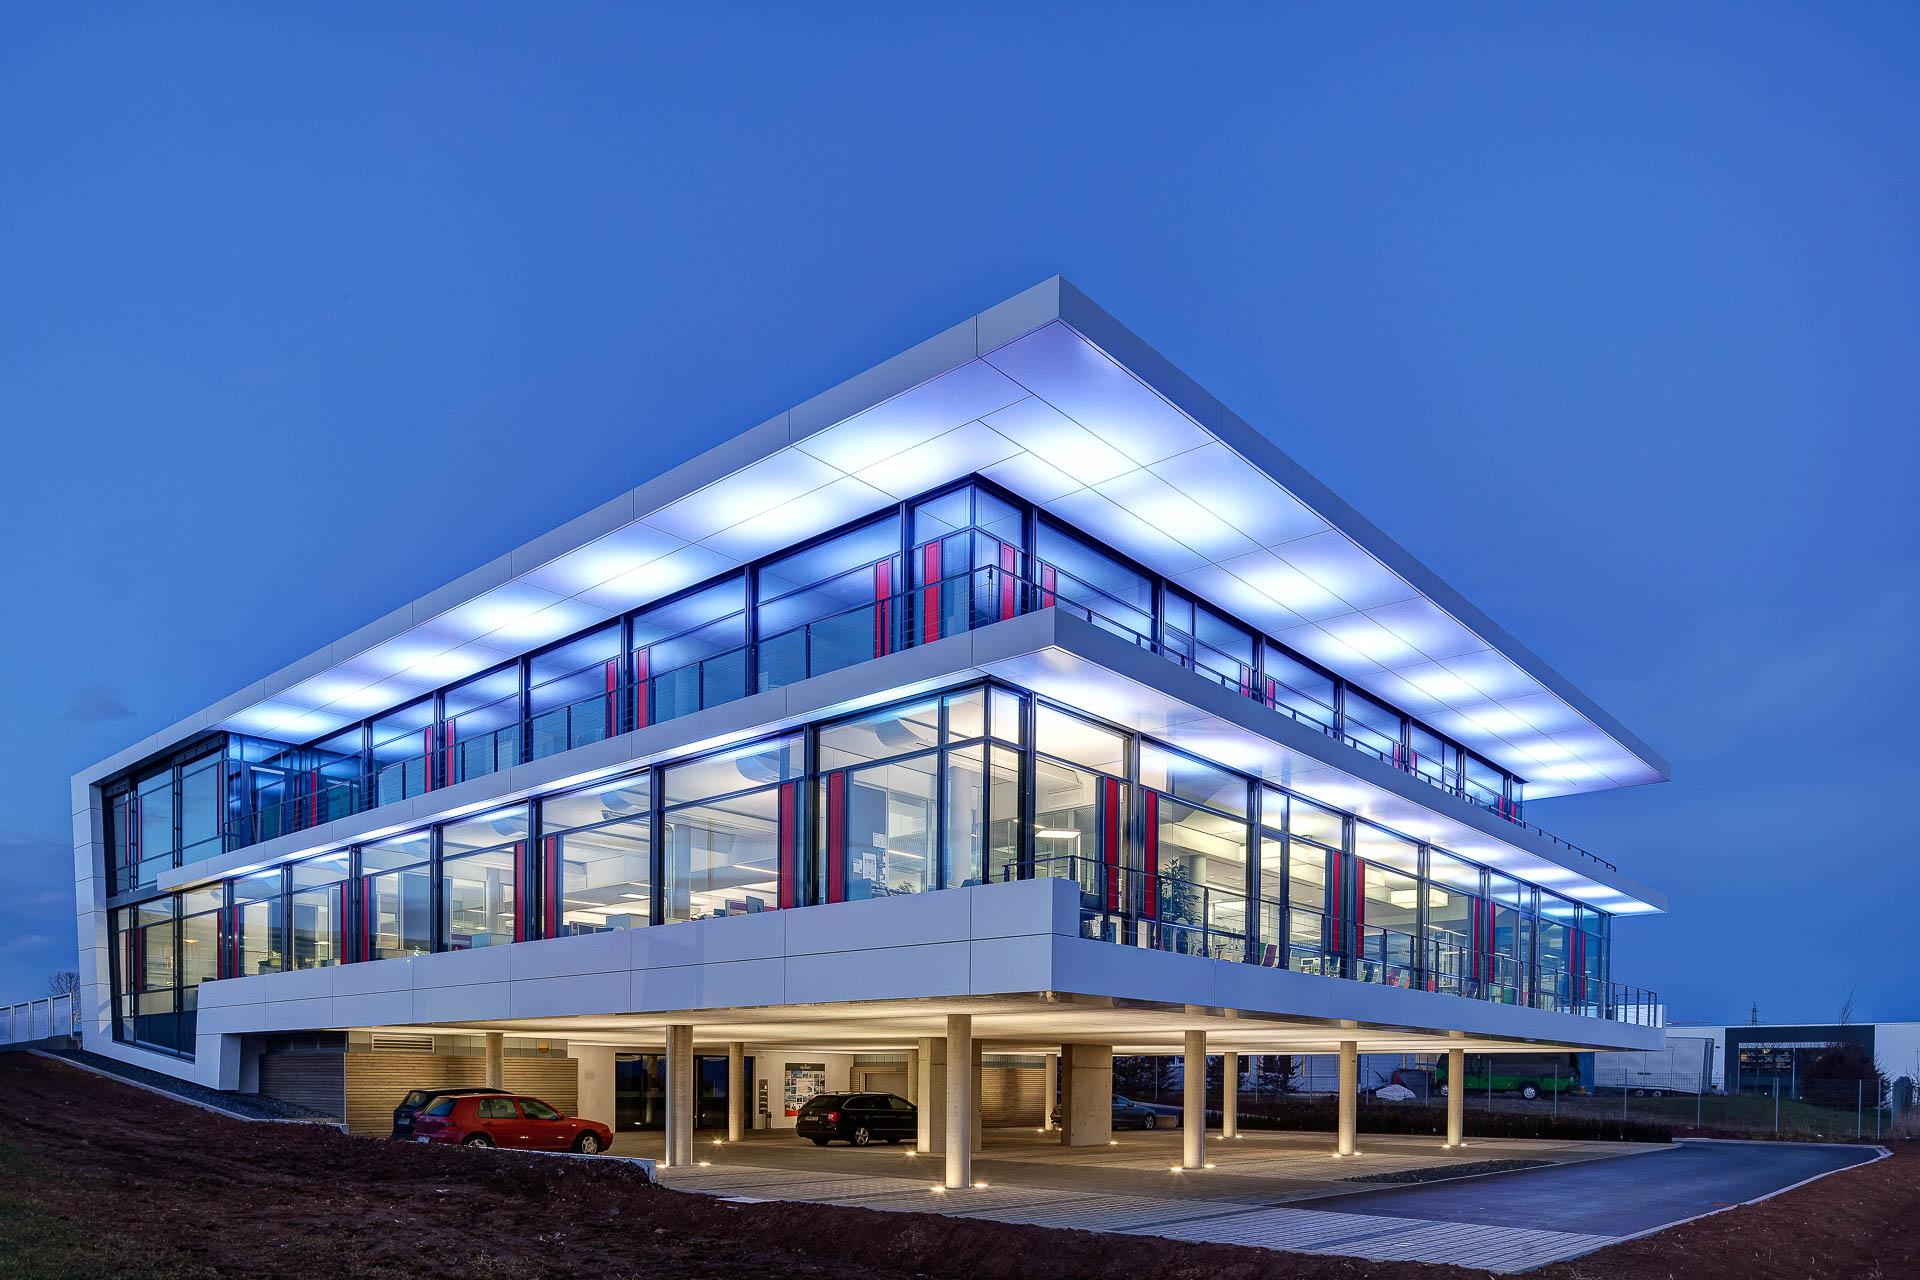 Architekturfotograf aus Stuttgart, stimmungsvolle Abendaufnahme, innovative Energietechnik